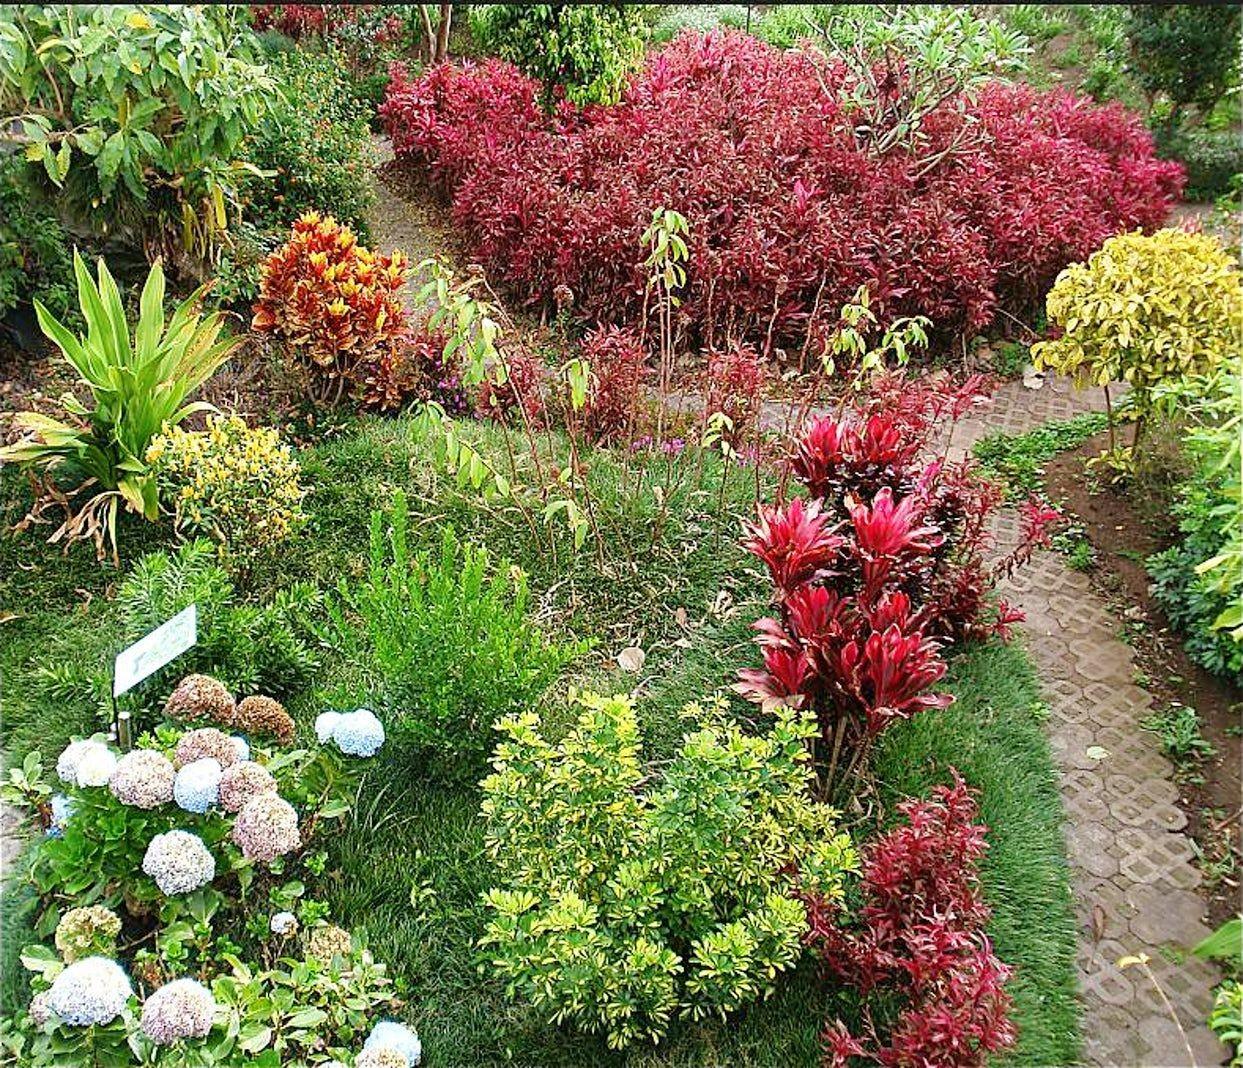 哥斯达黎加共和国_图1-25